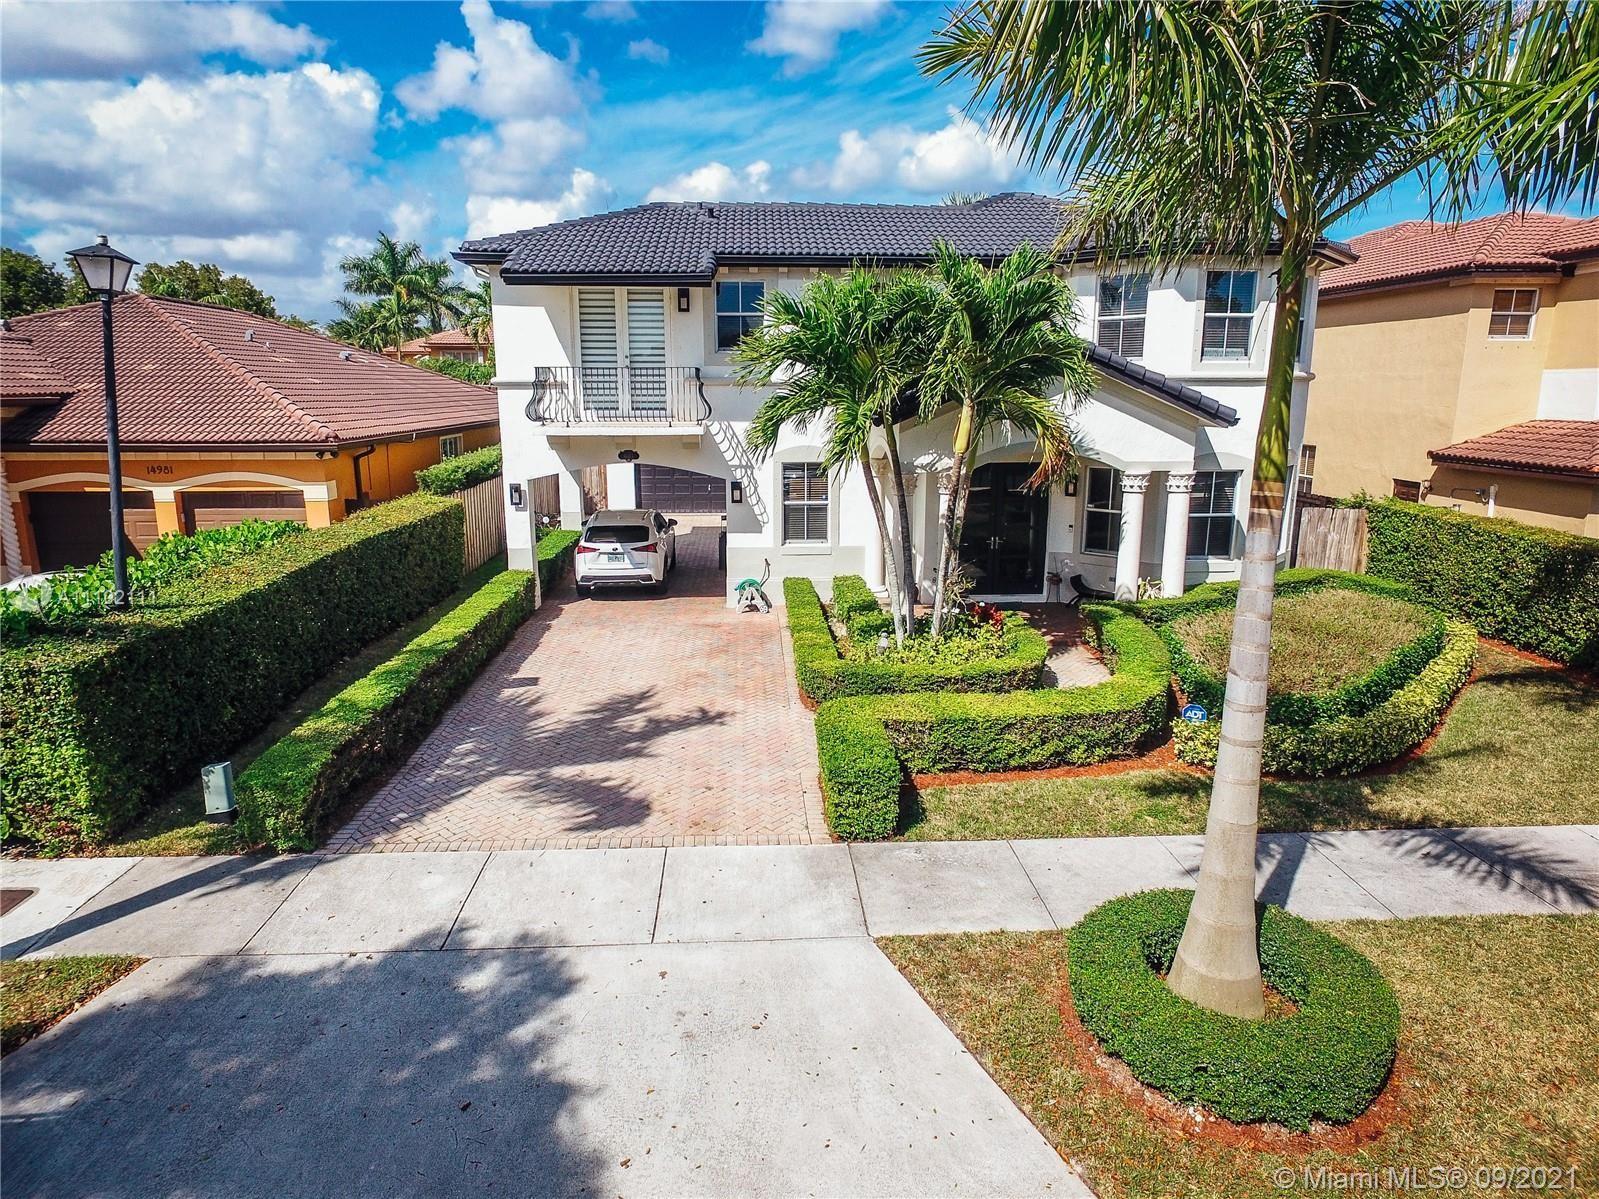 14973 SW 16th Ter, Miami, FL 33185 - #: A11102111